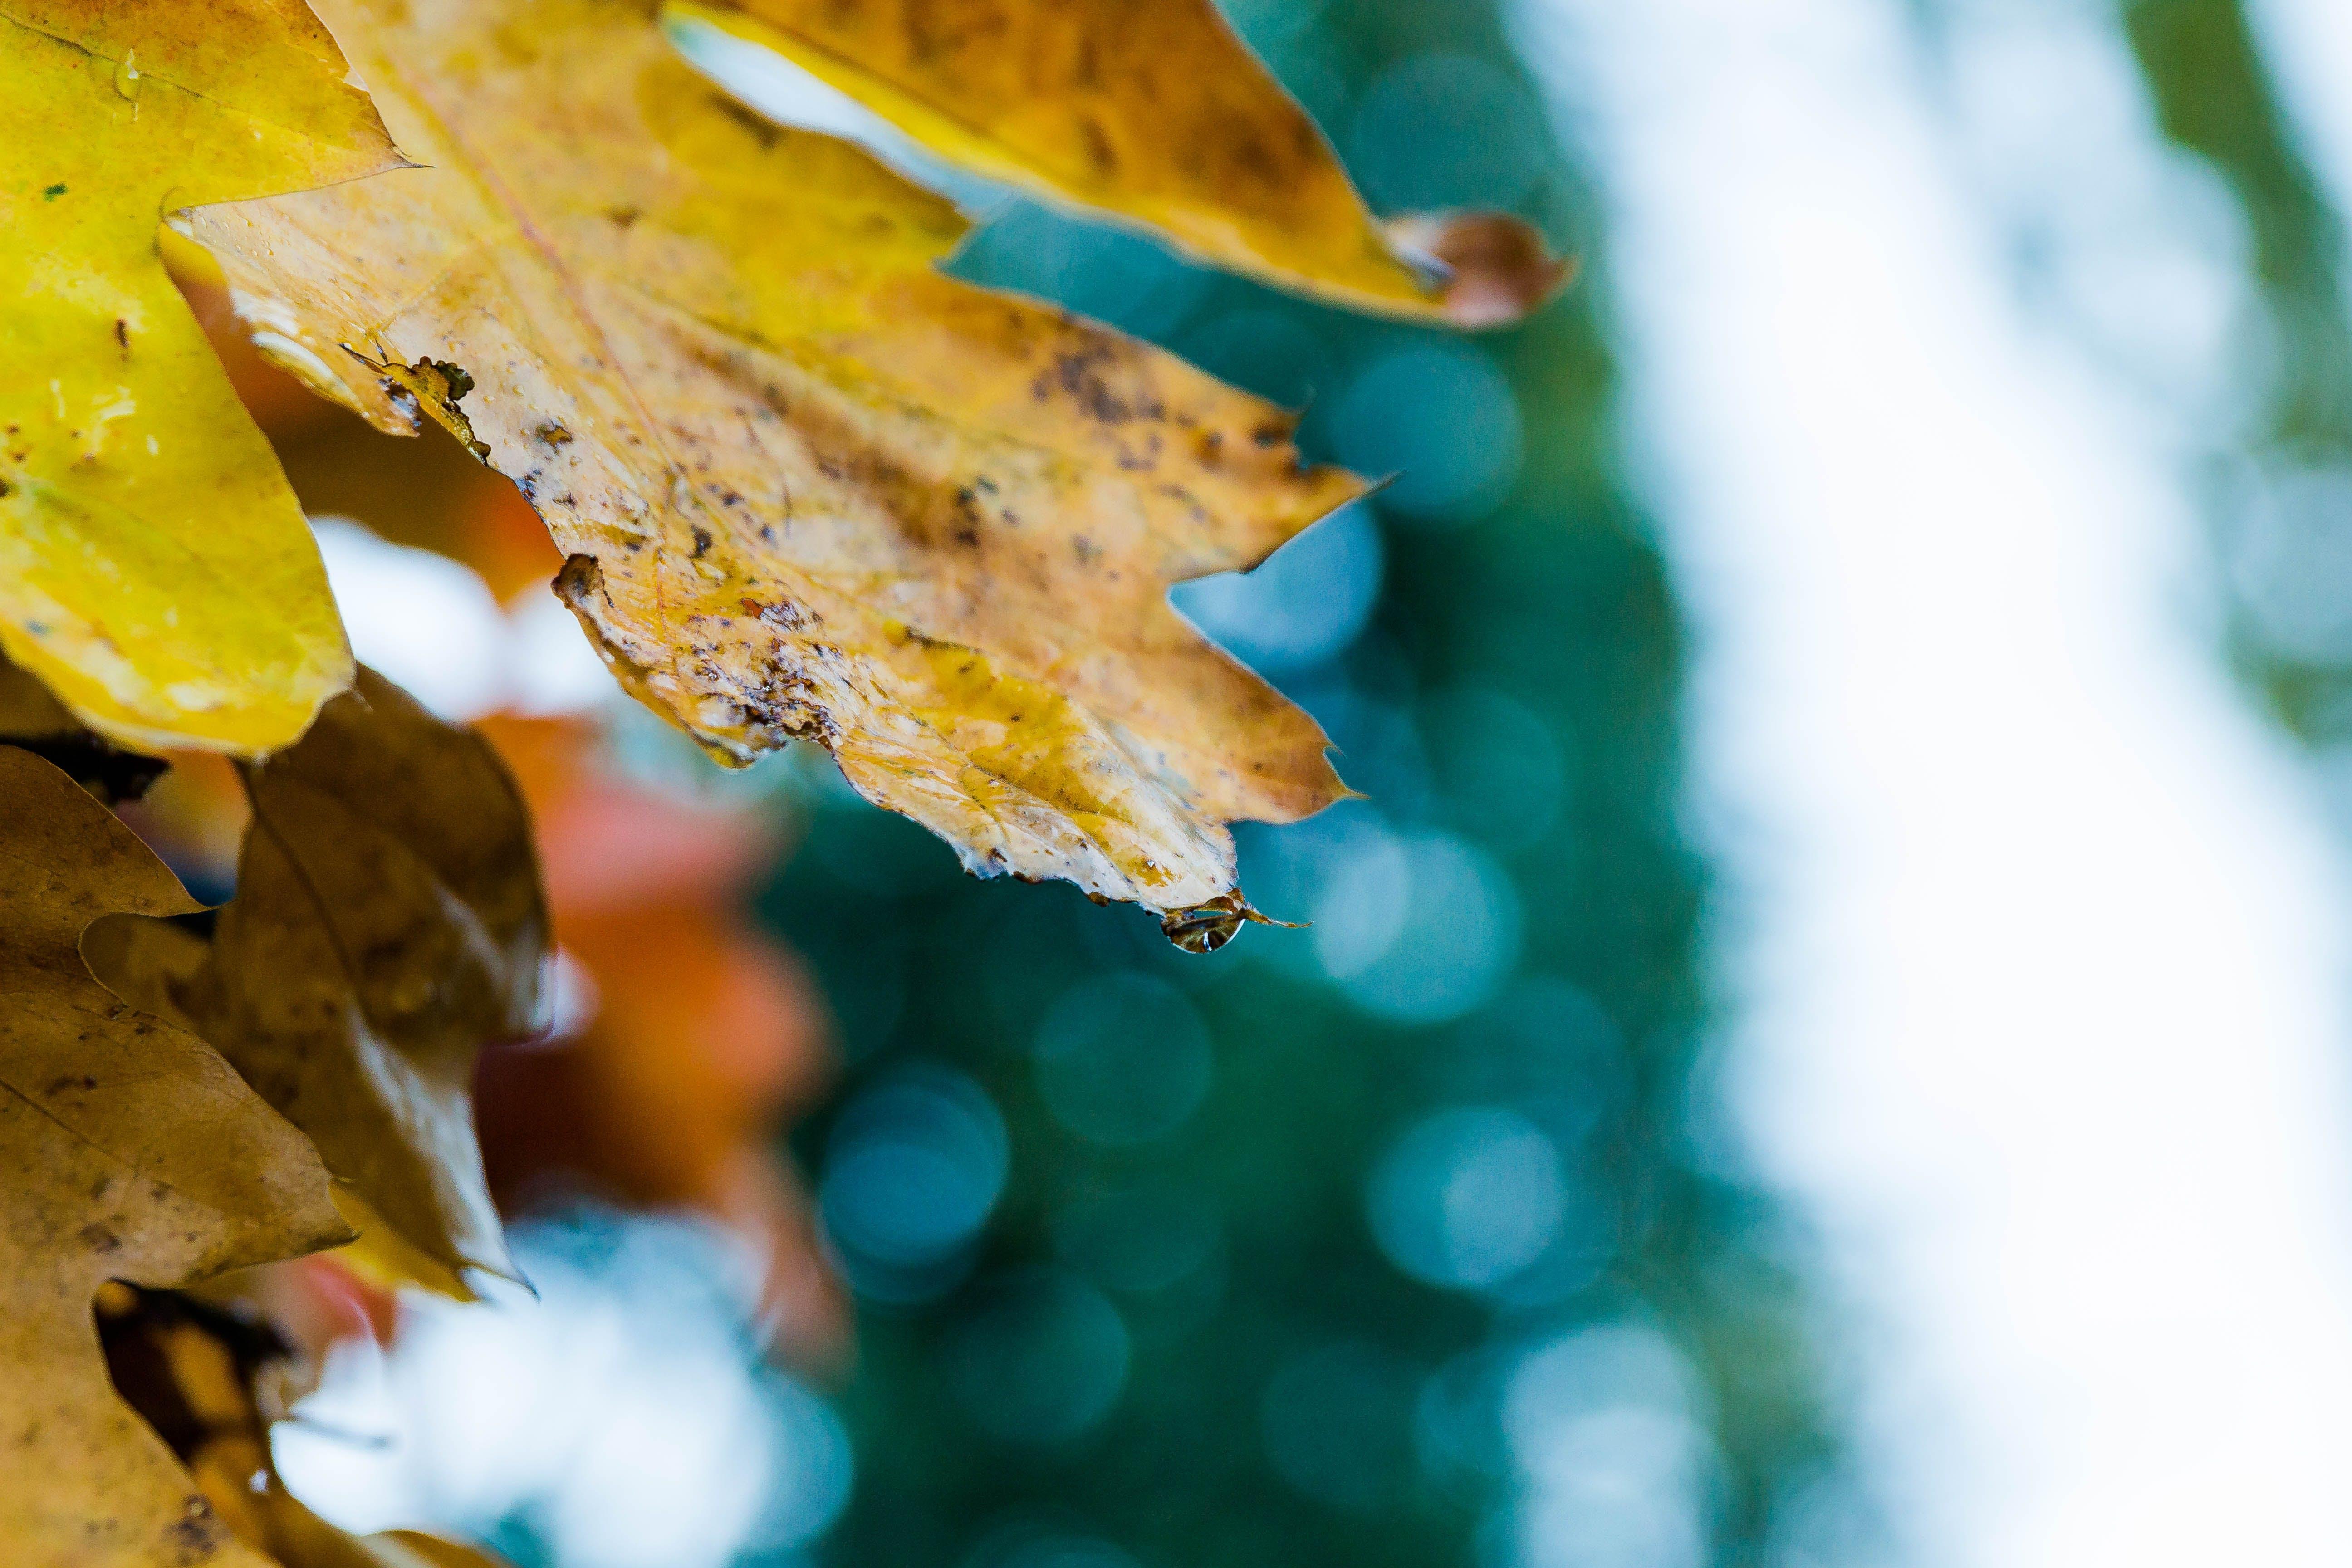 accrochee, arbre, automne